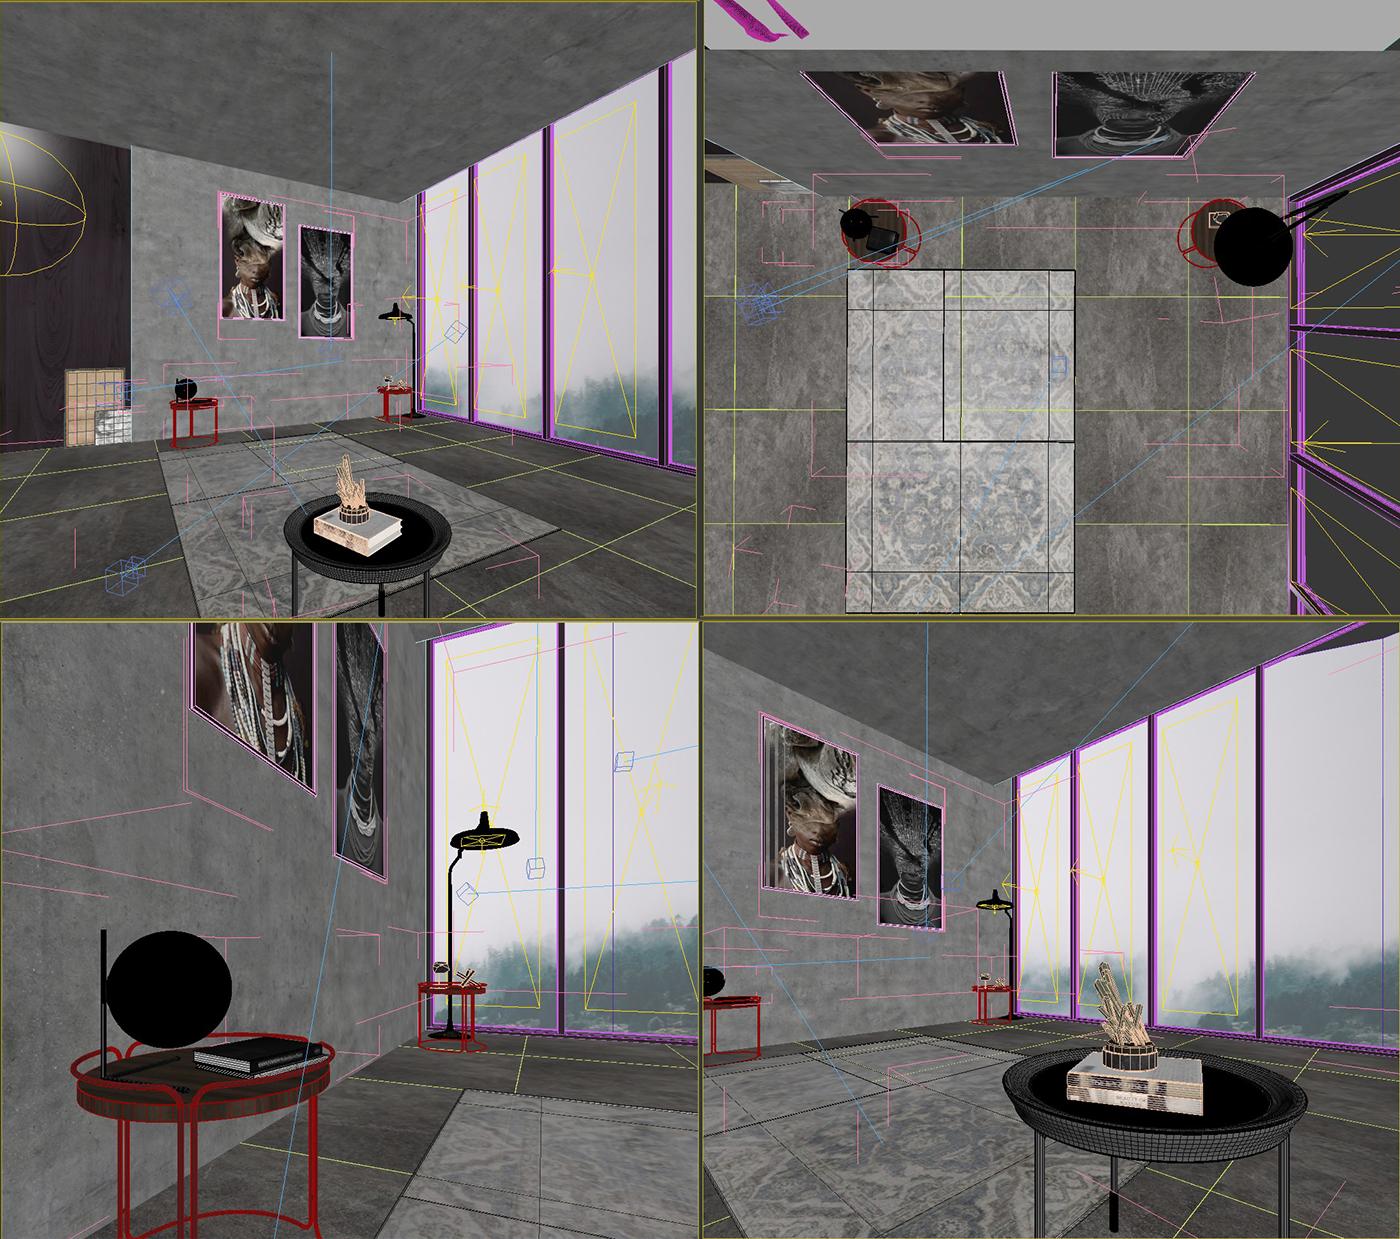 Free 3d Interior Scene Bedroom   Download